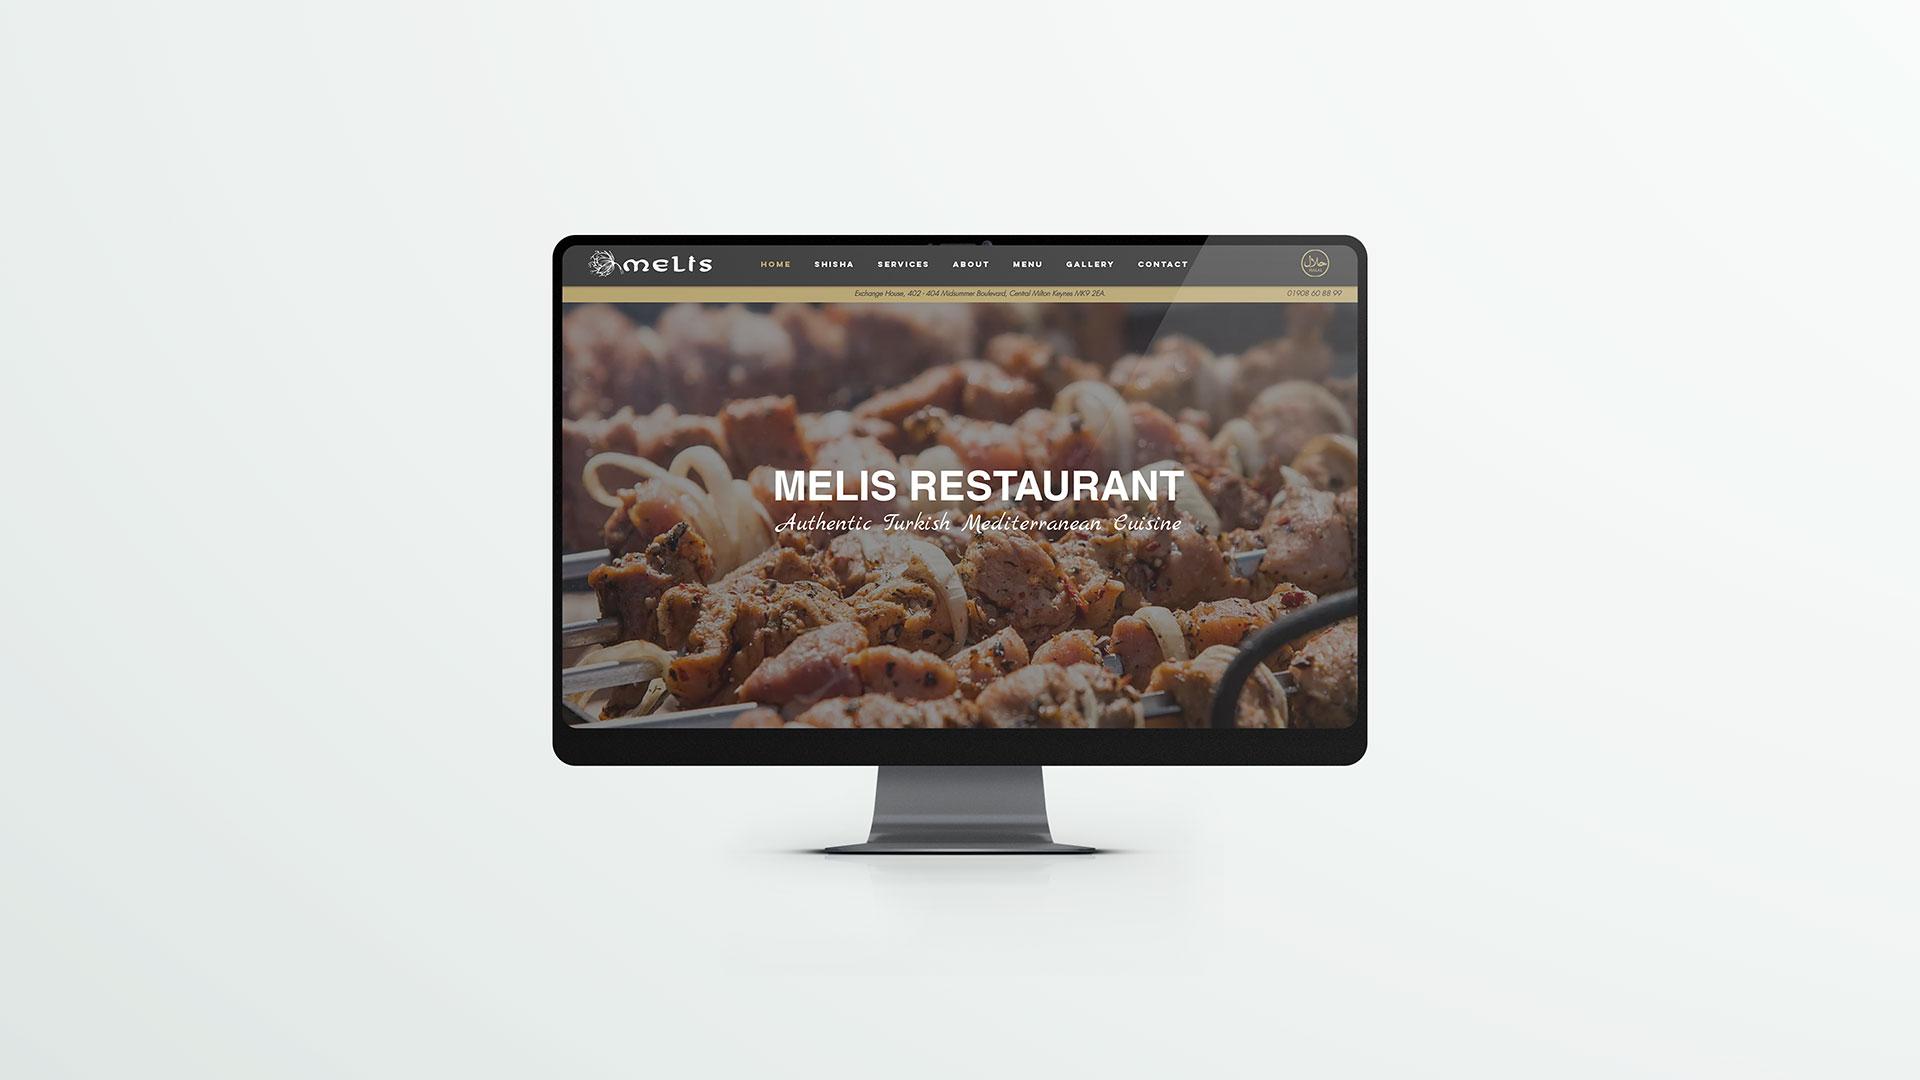 web site design desktop